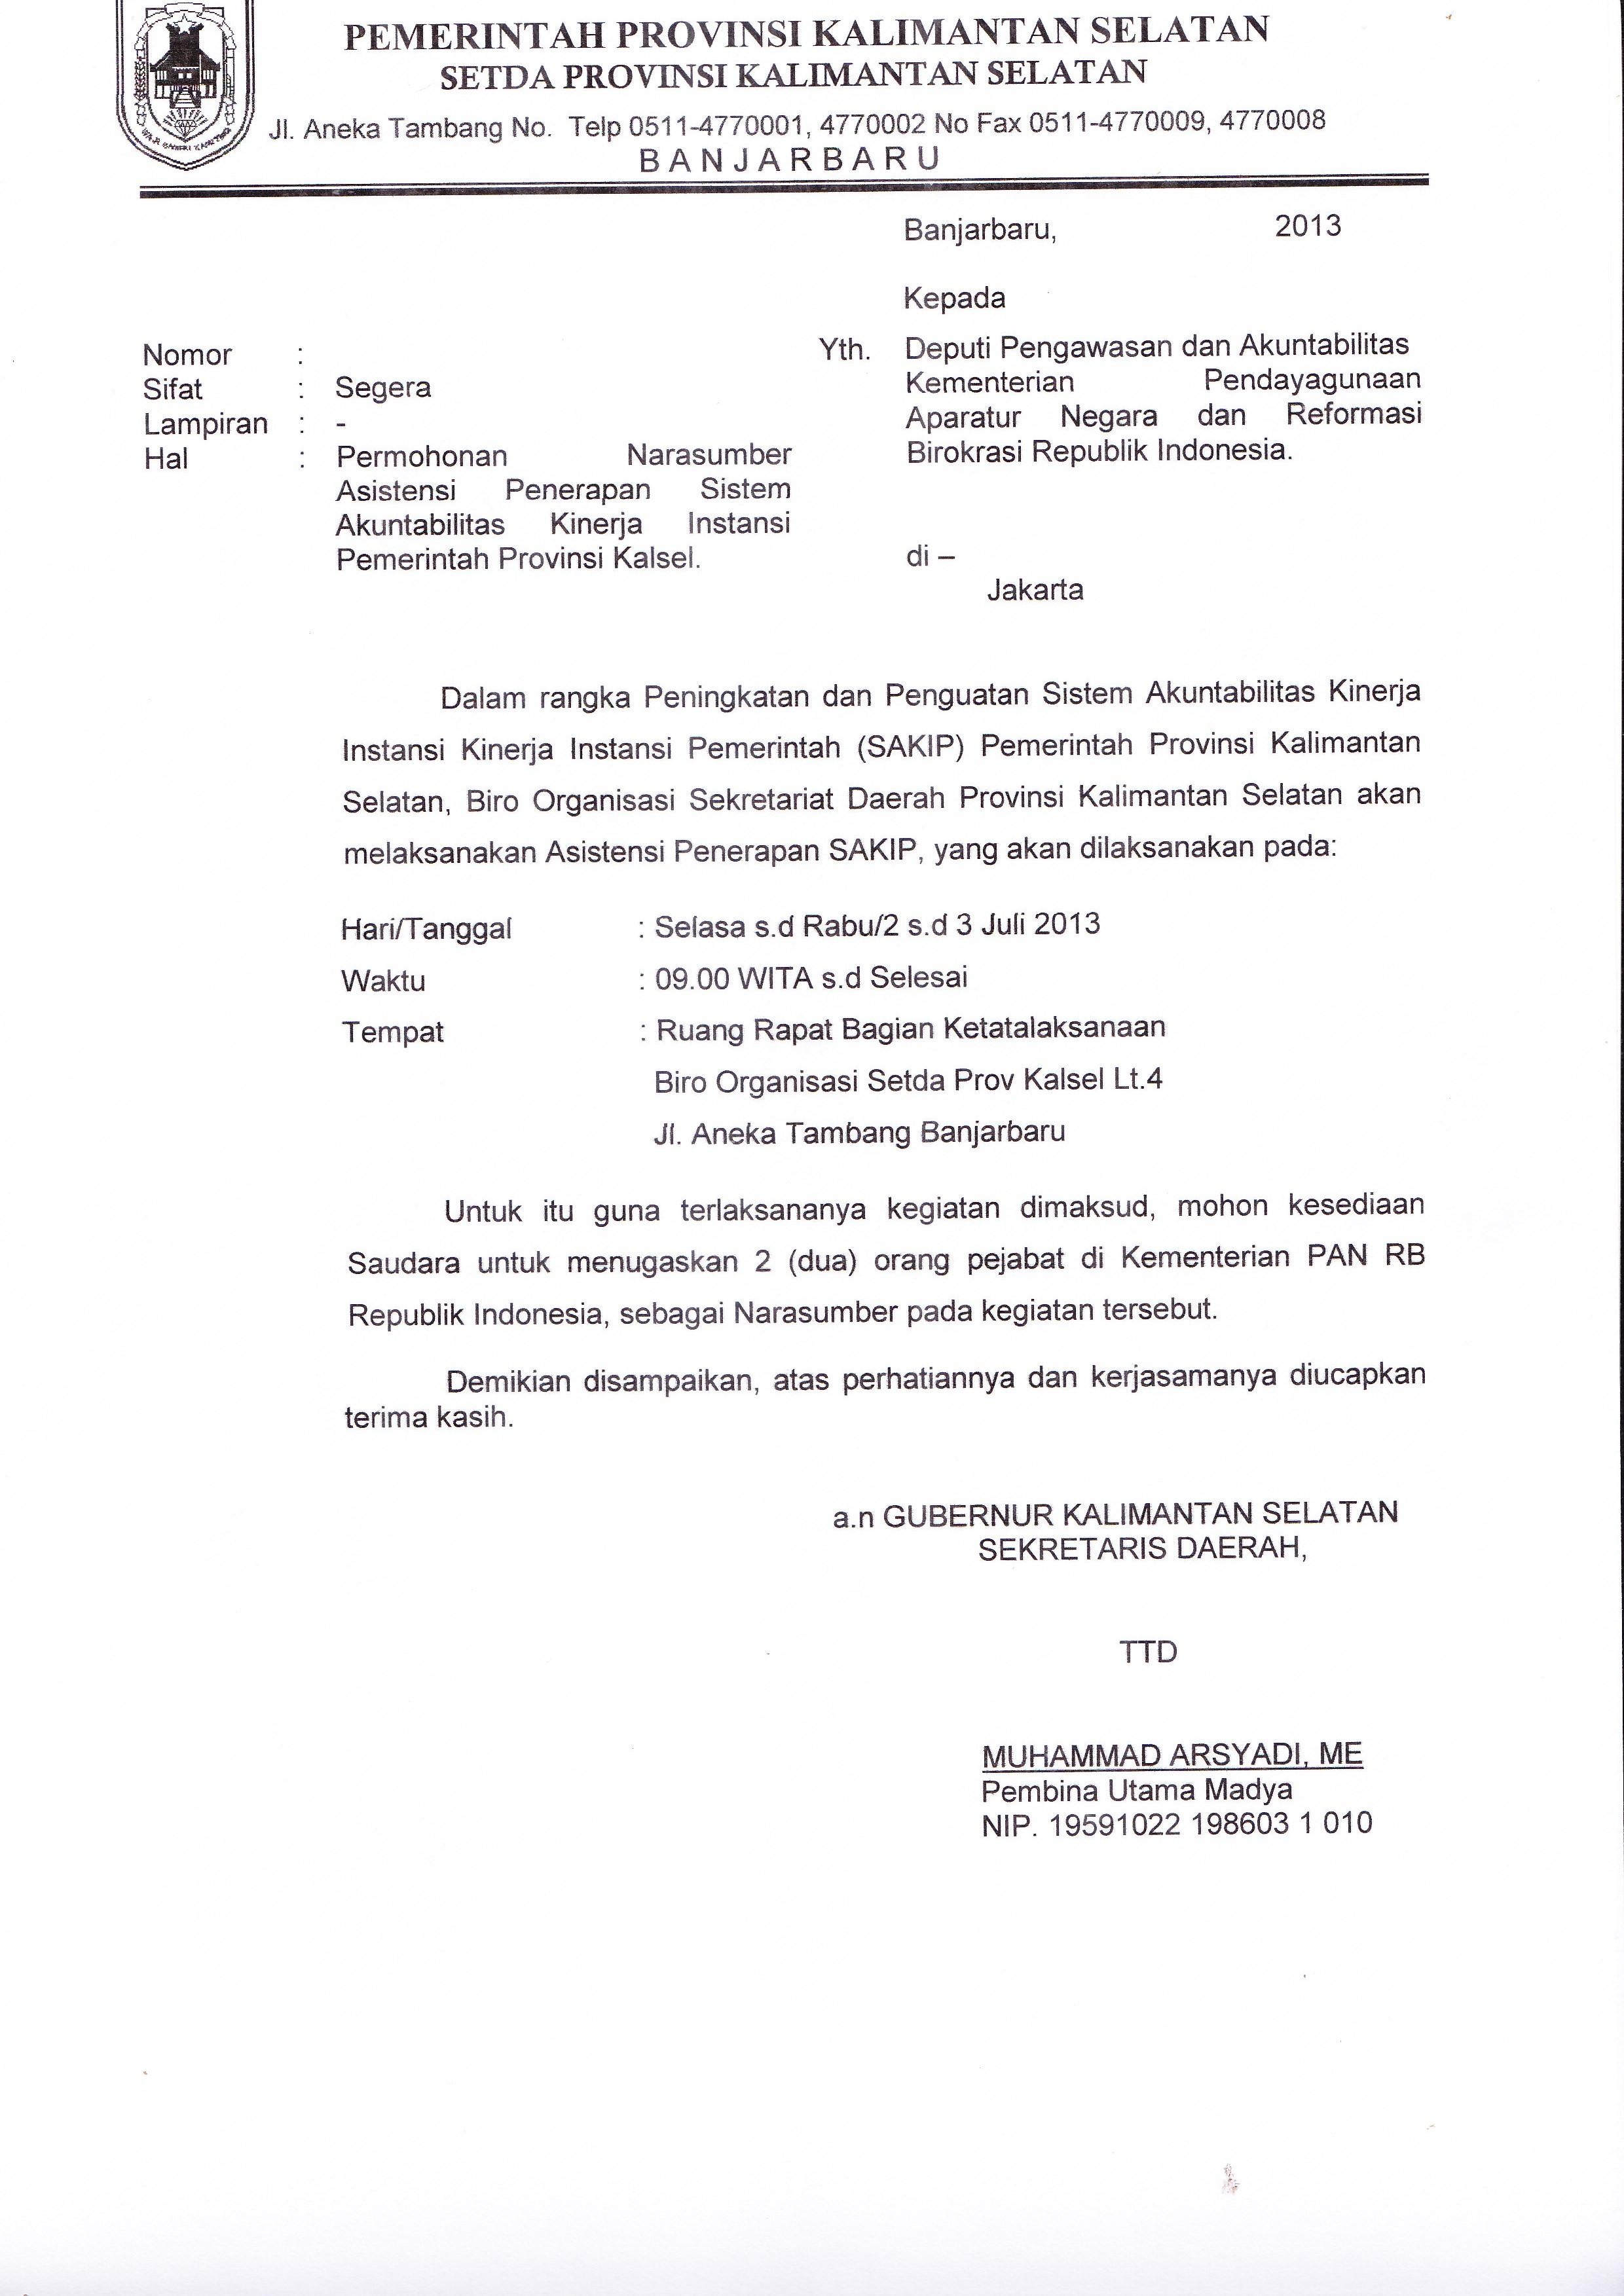 Contoh Surat Resmi Organisasi